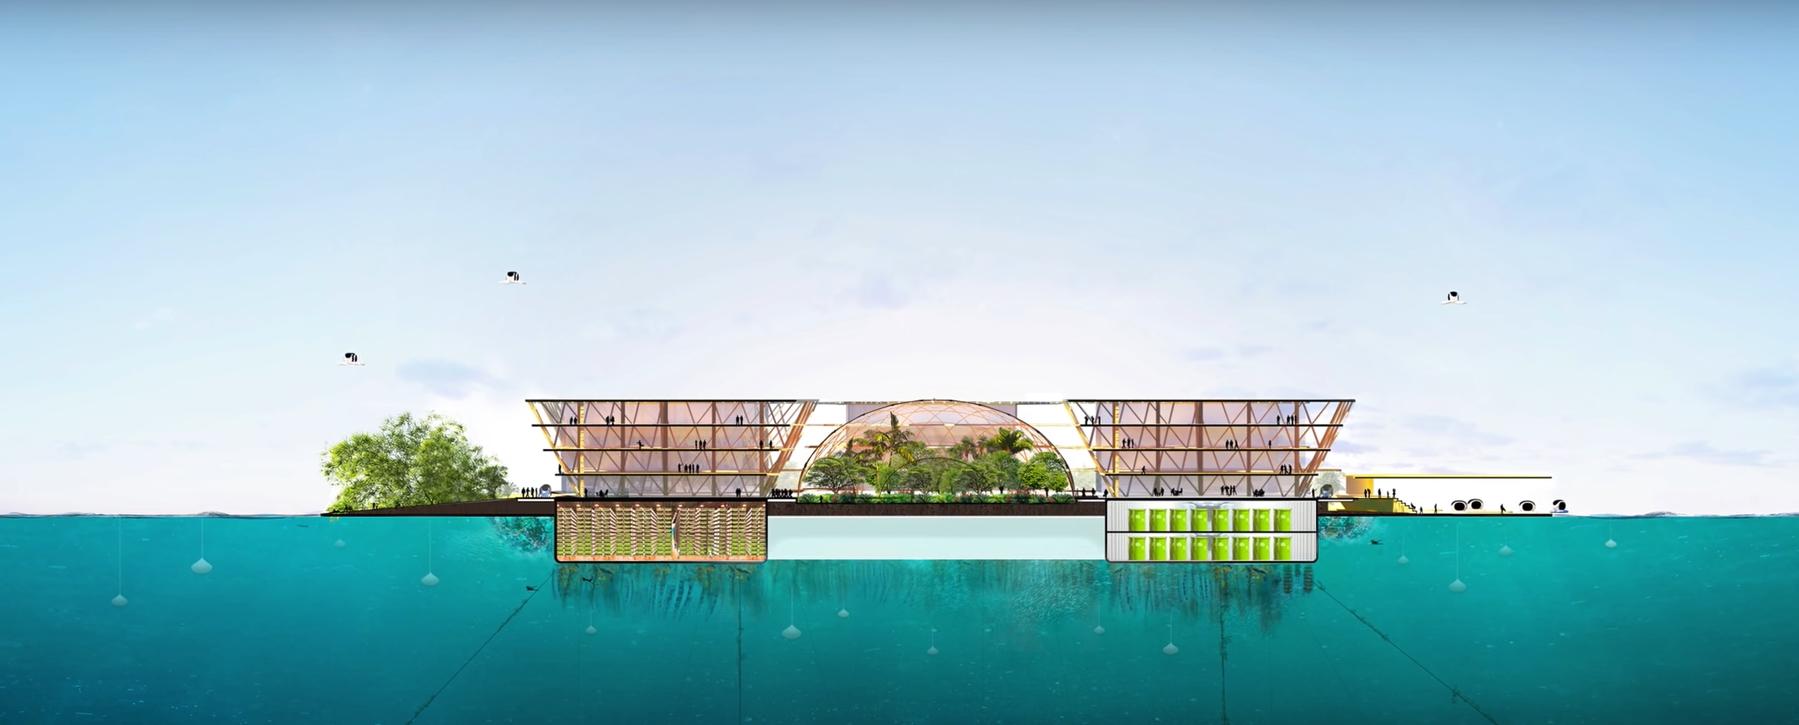 ciudad oceanix: la ciudad flotante en el mar 3